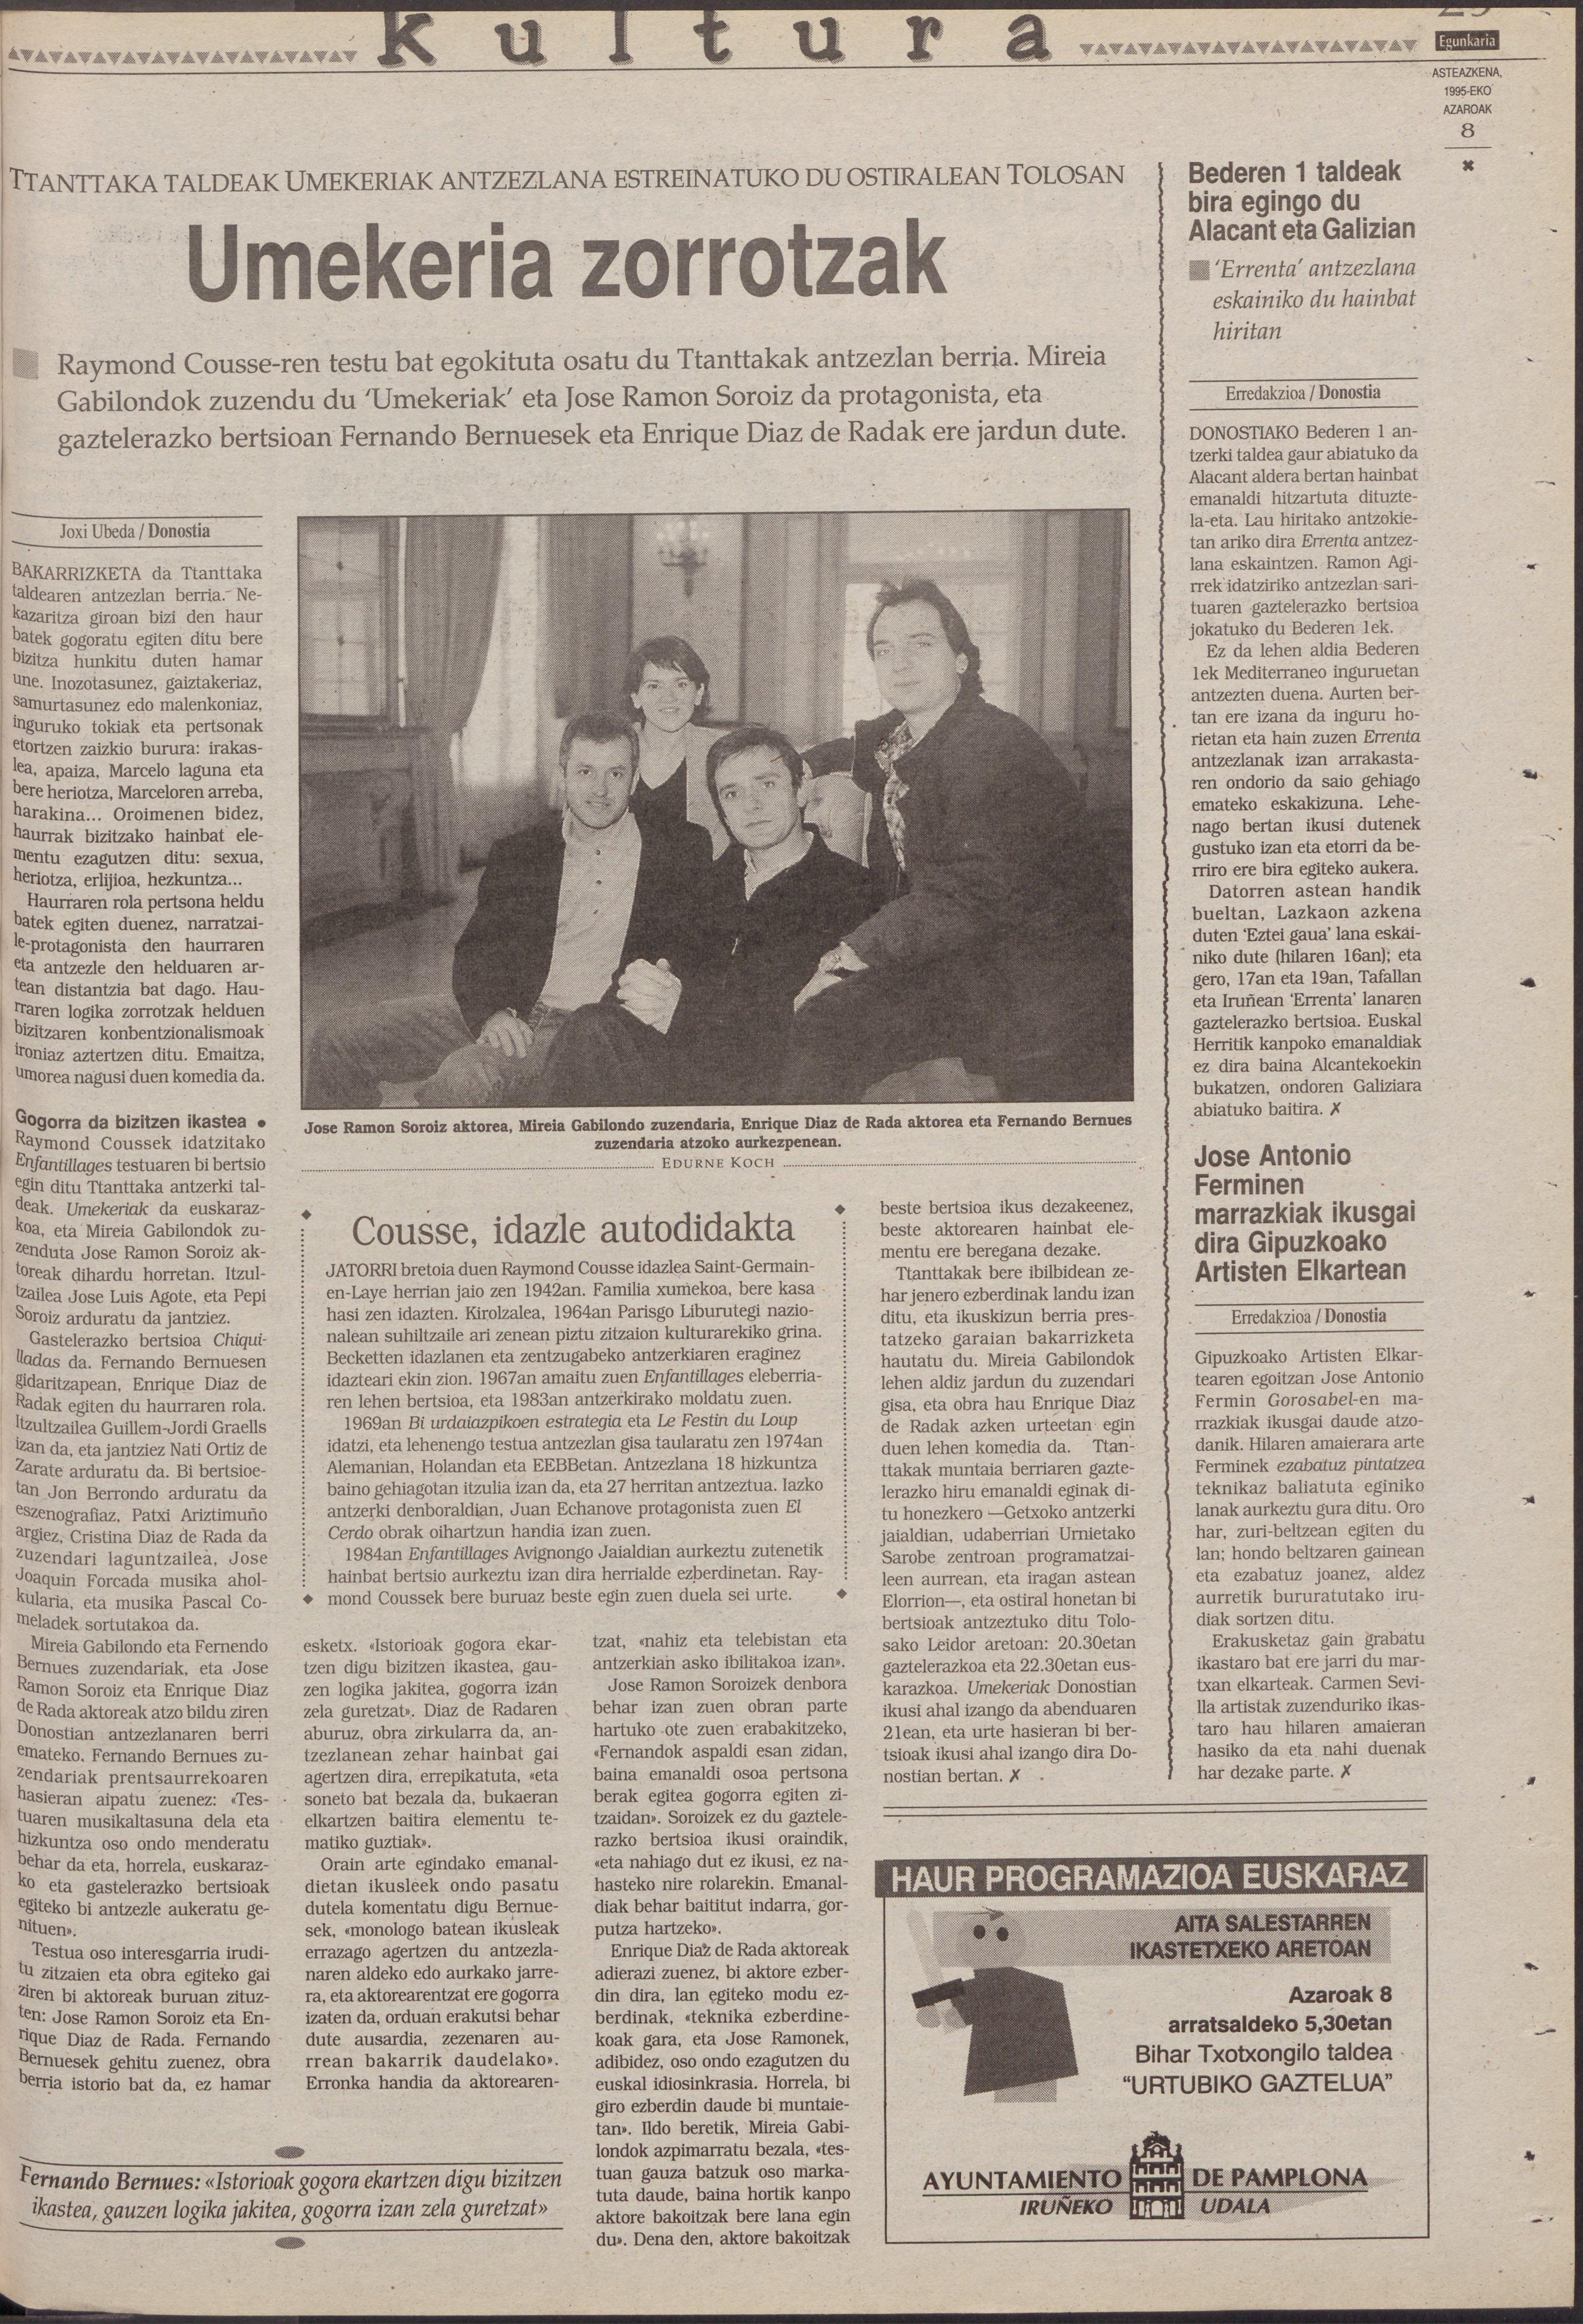 1995ko azaroak 8, 29. orrialdea